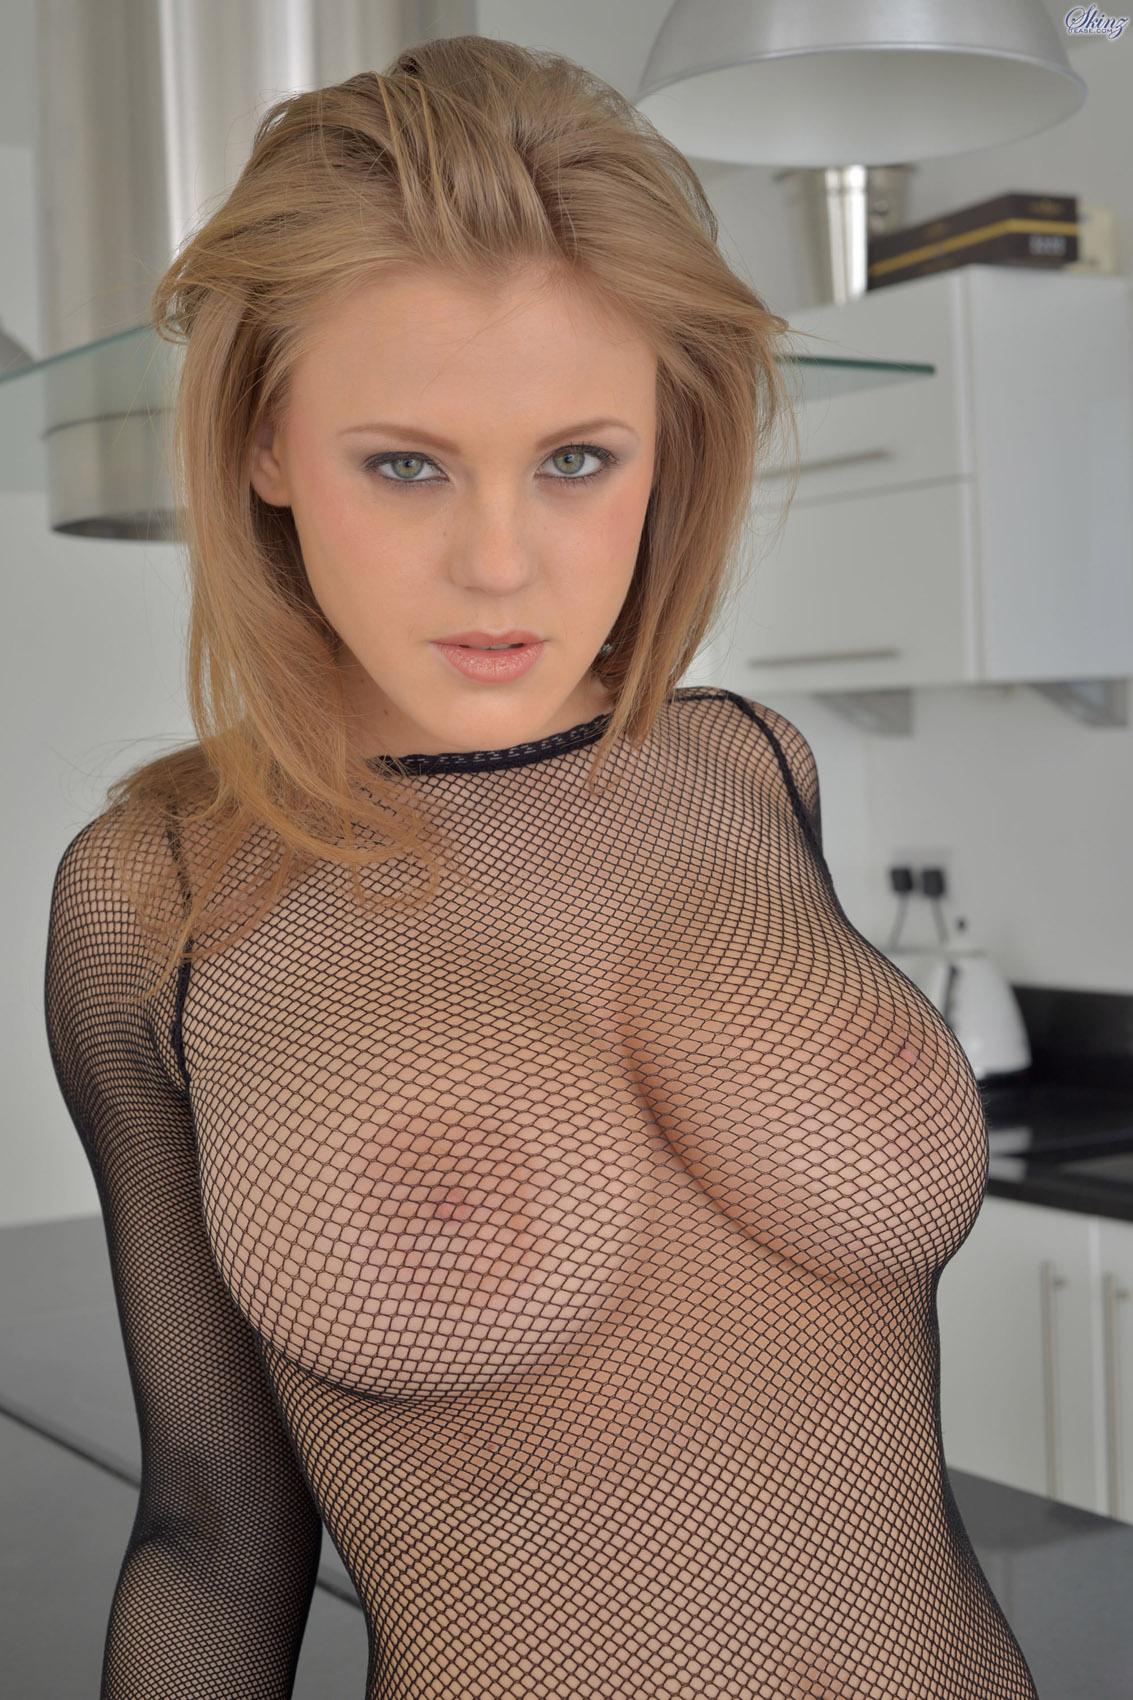 Lubbock texas amateur models nudity